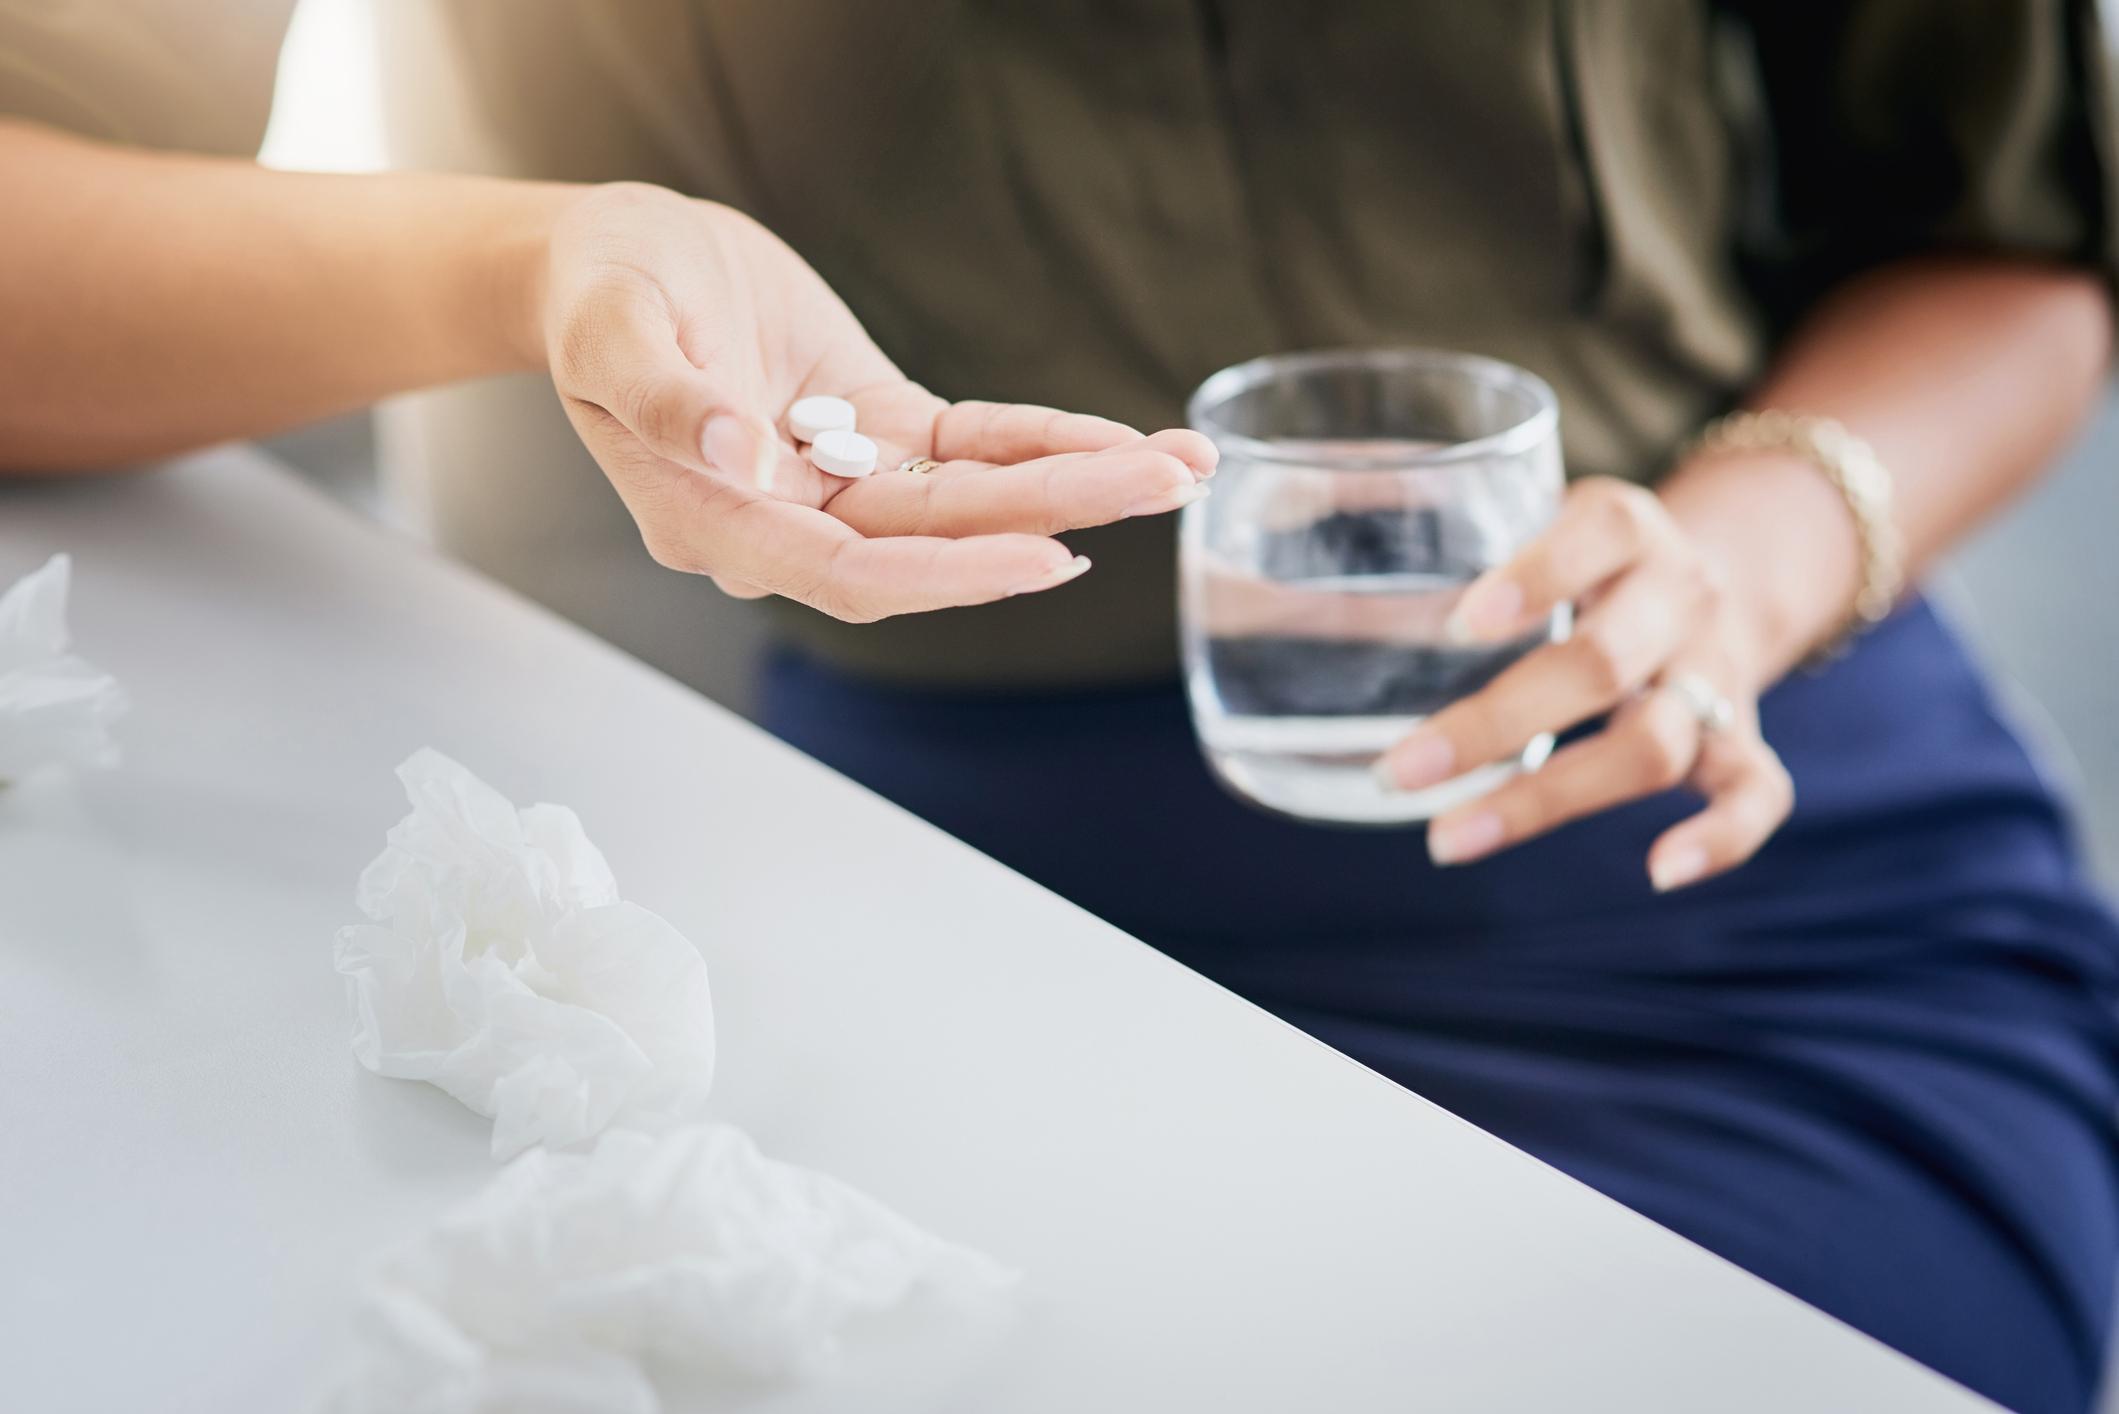 a legmagasabb vérnyomáscsökkentő ételek a népi gyógymódok jót tesznek a magas vérnyomás esetén